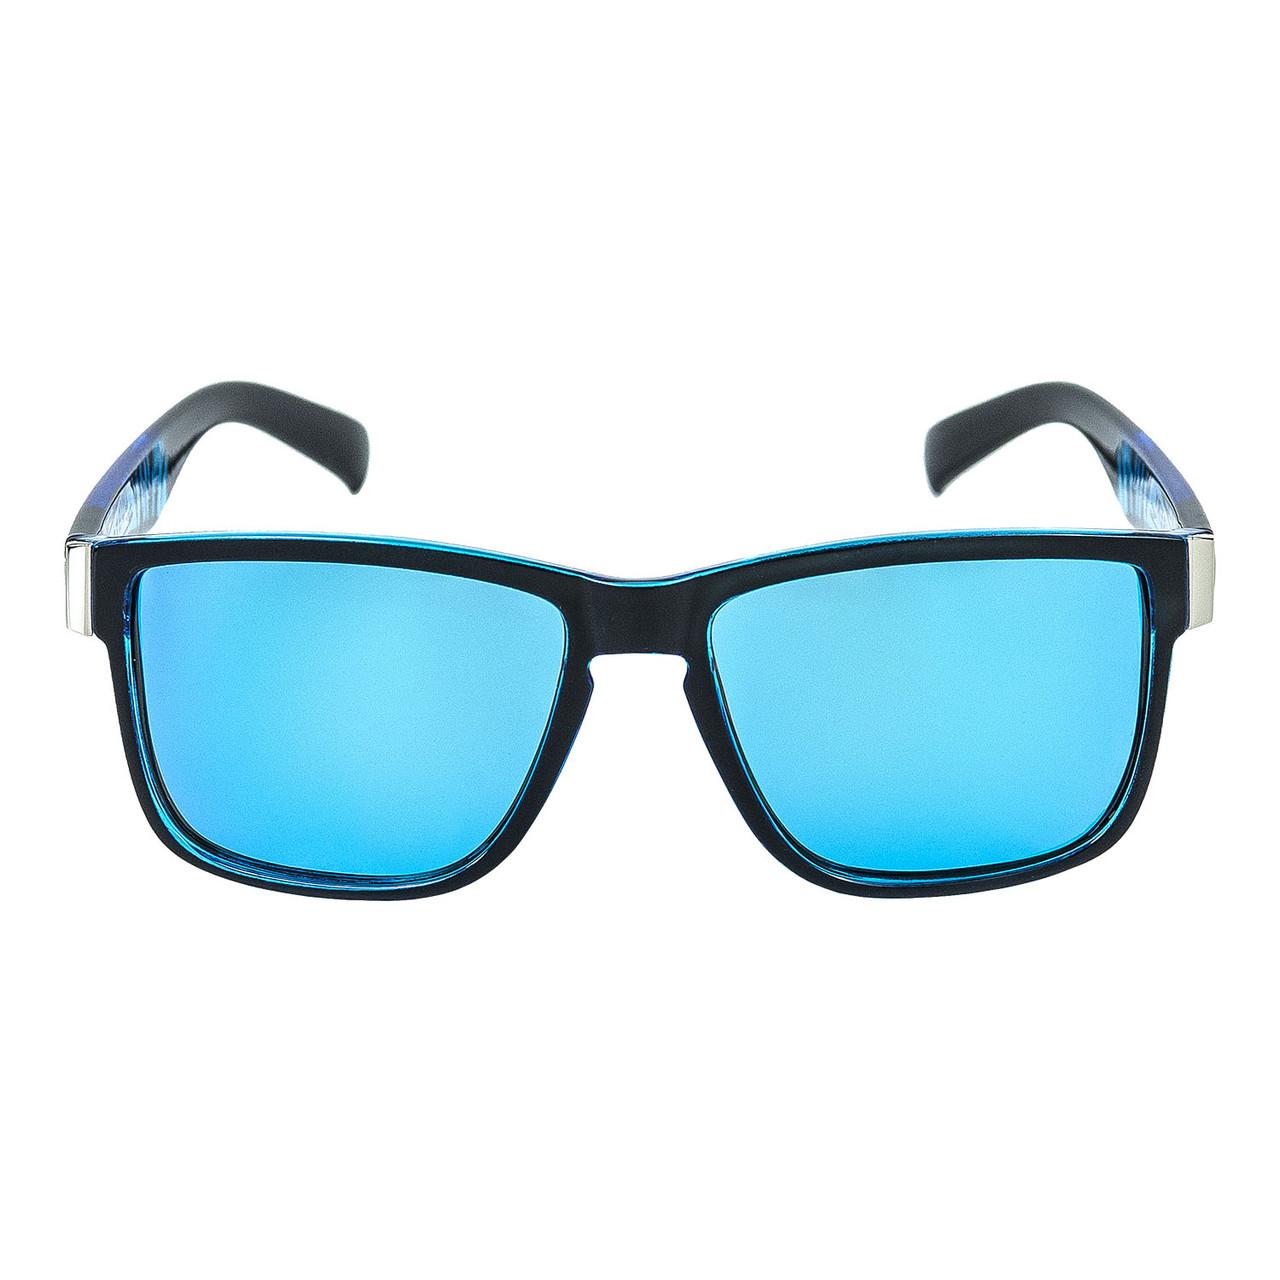 Солнцезащитные Очки с Поляризацией Dubery (D518) Голубые